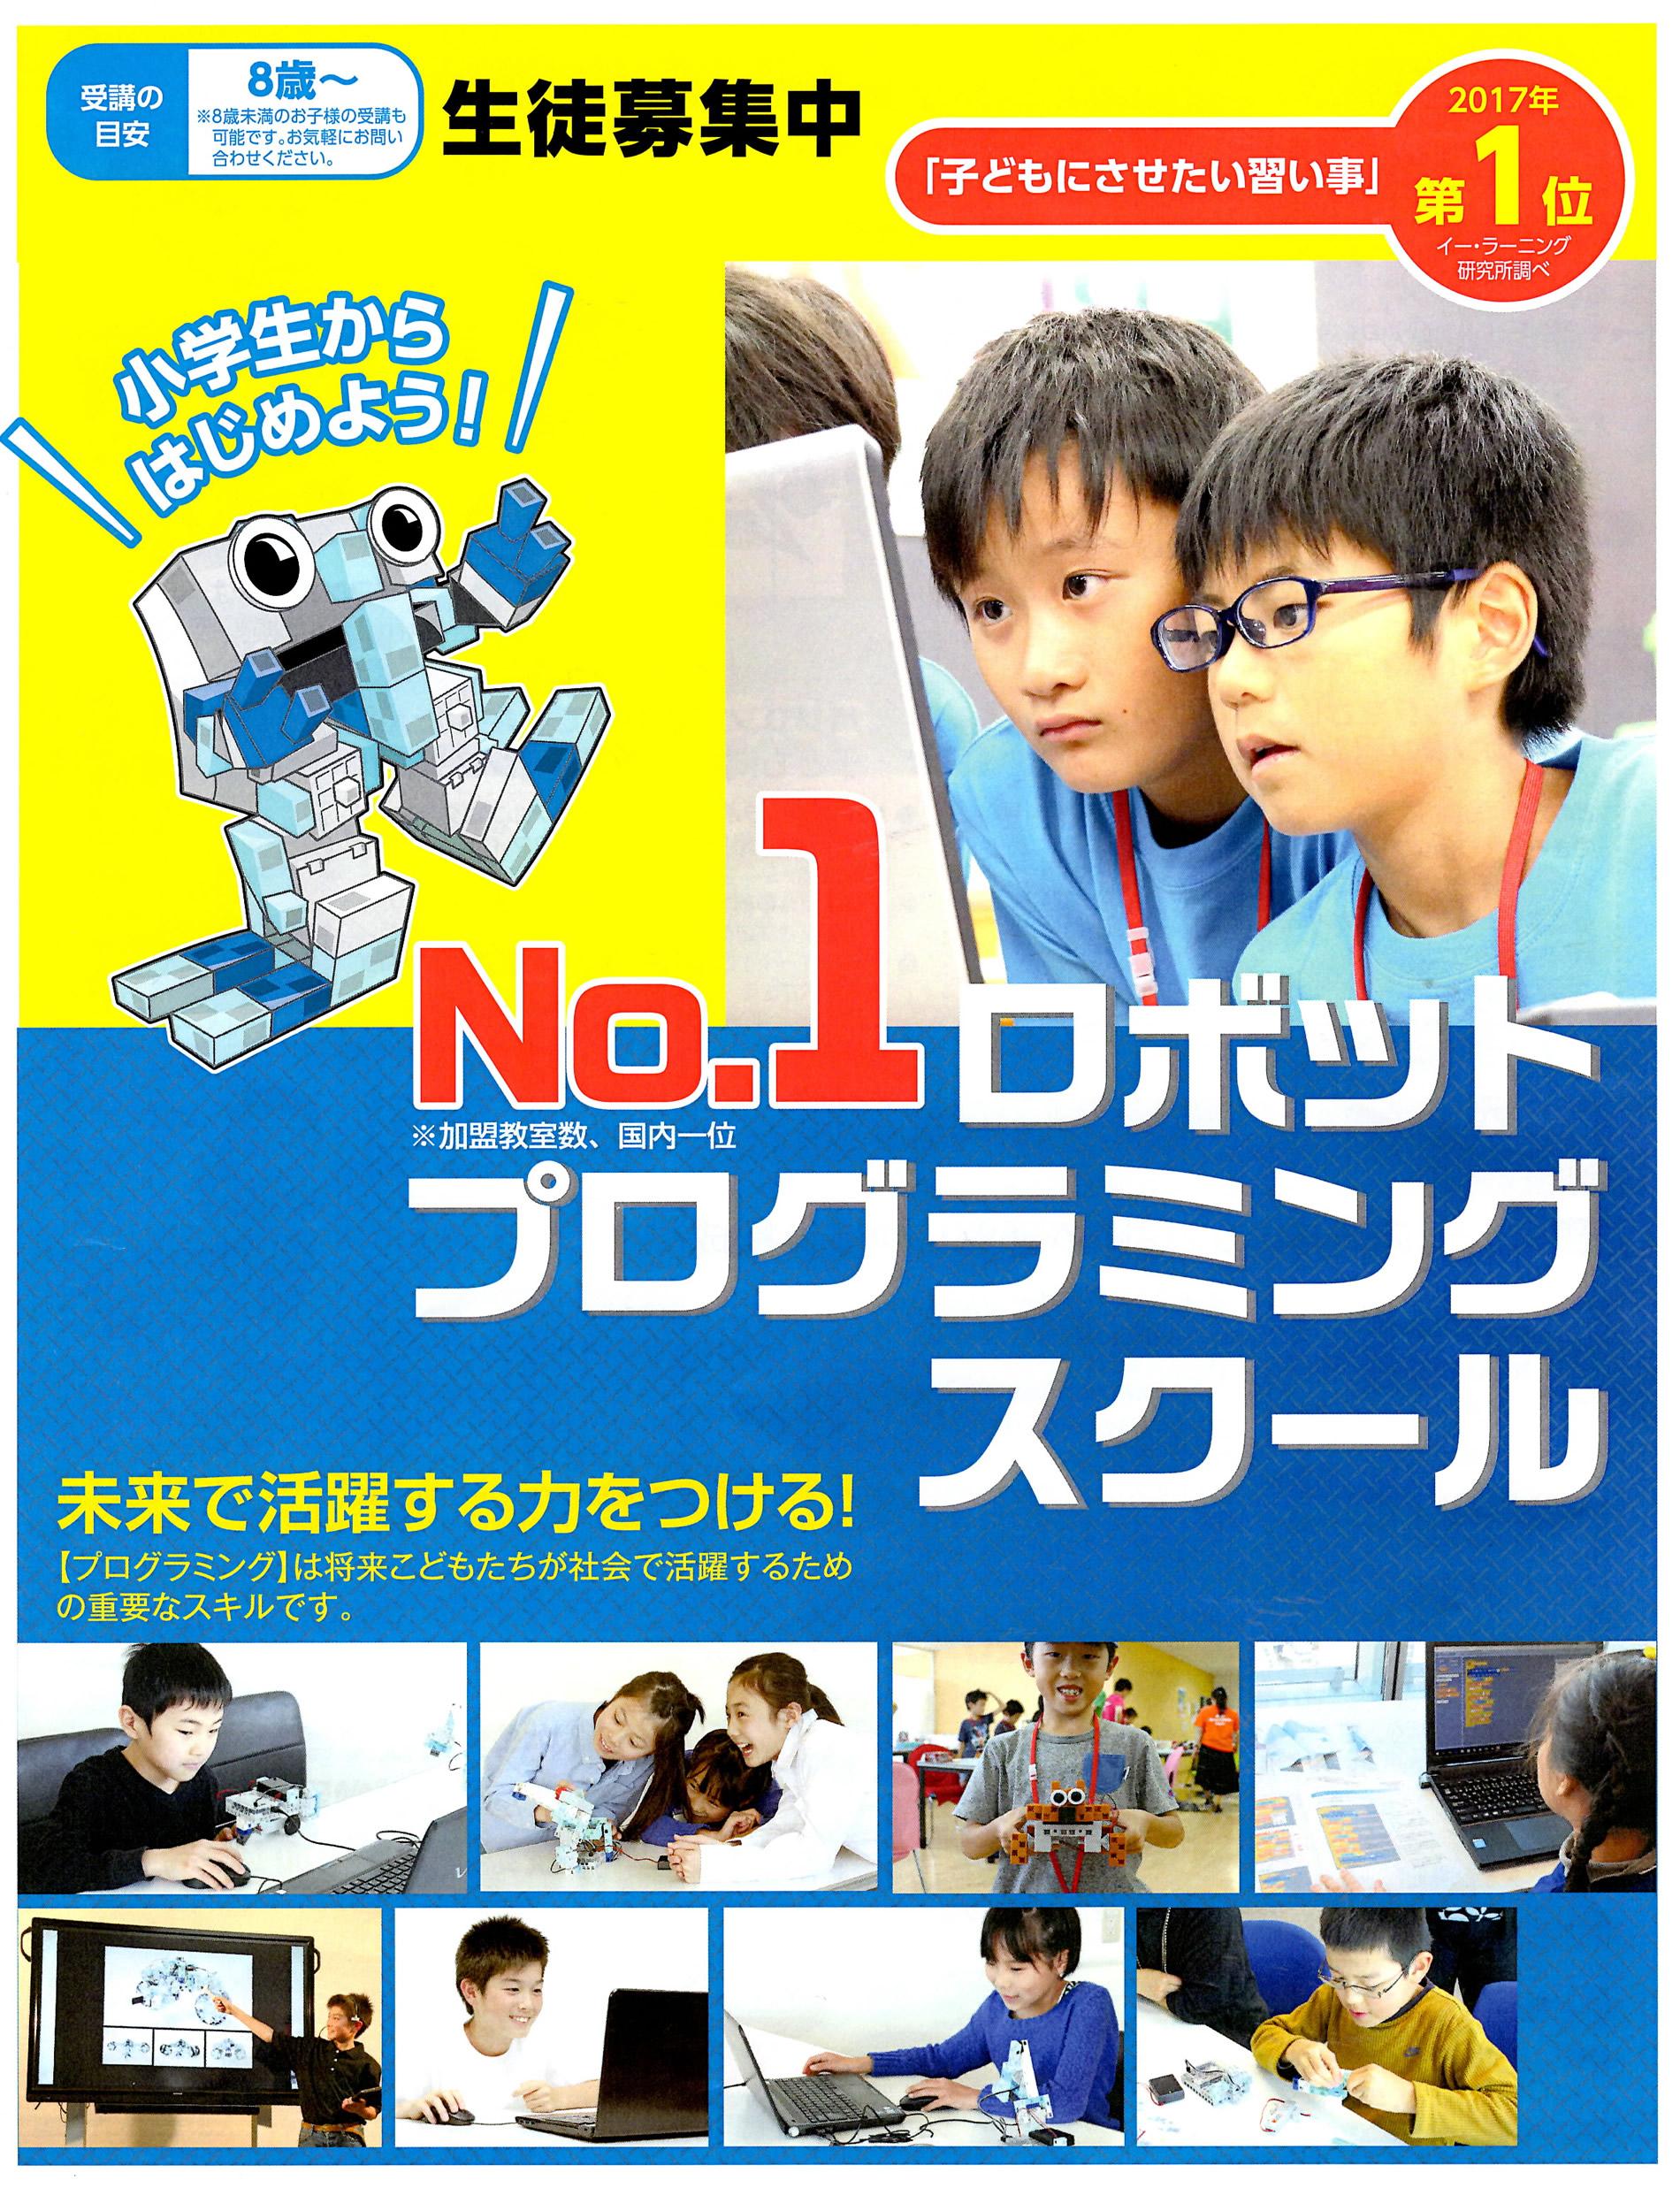 教室 プログラミング